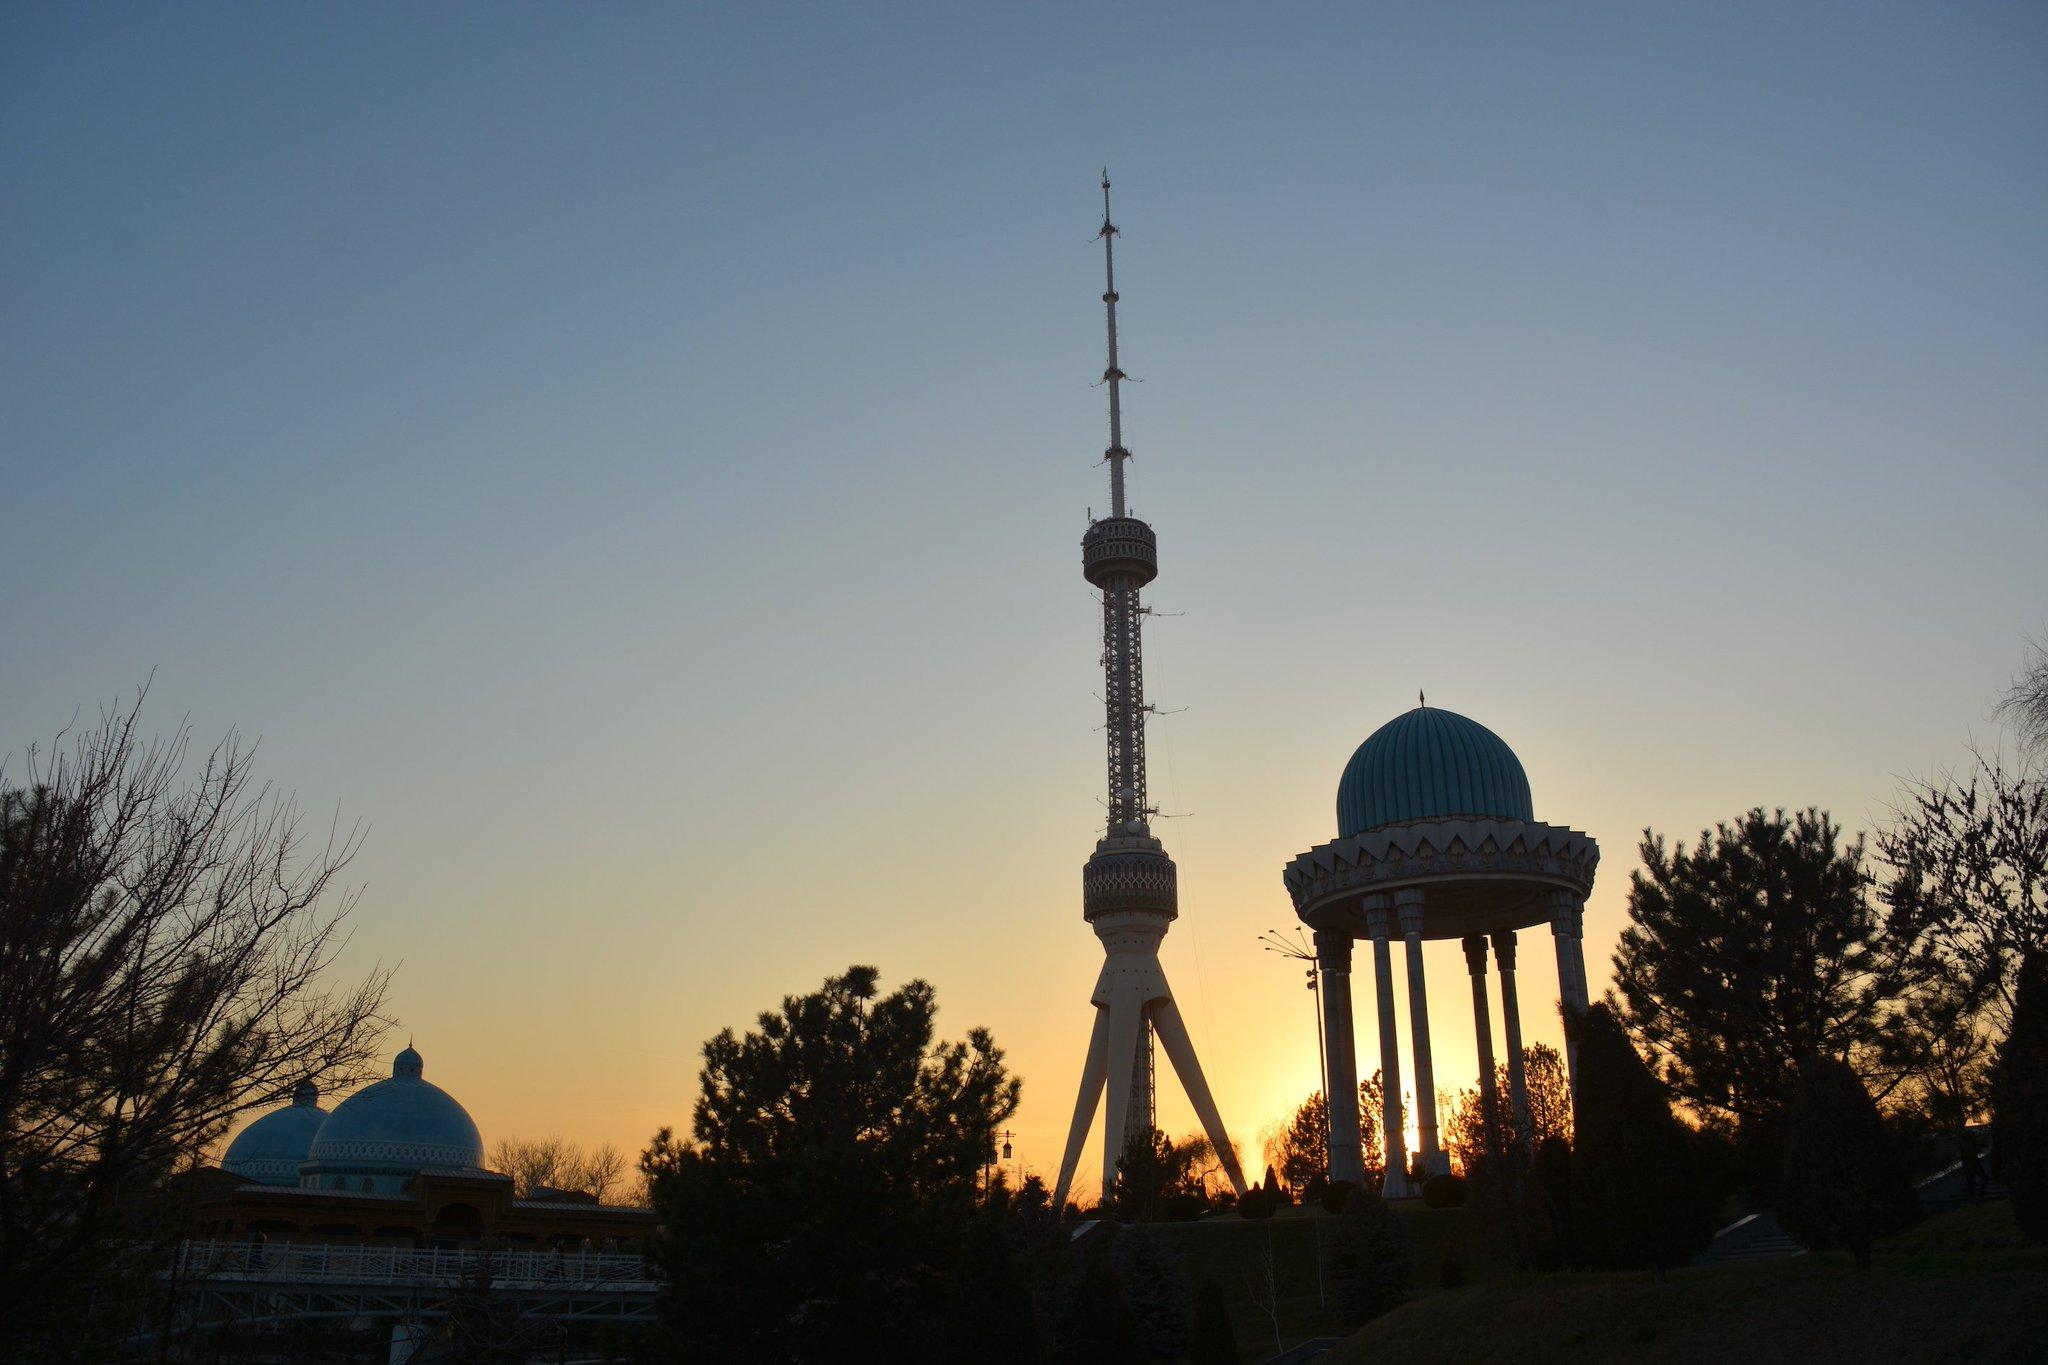 Хива узбекистан фото того